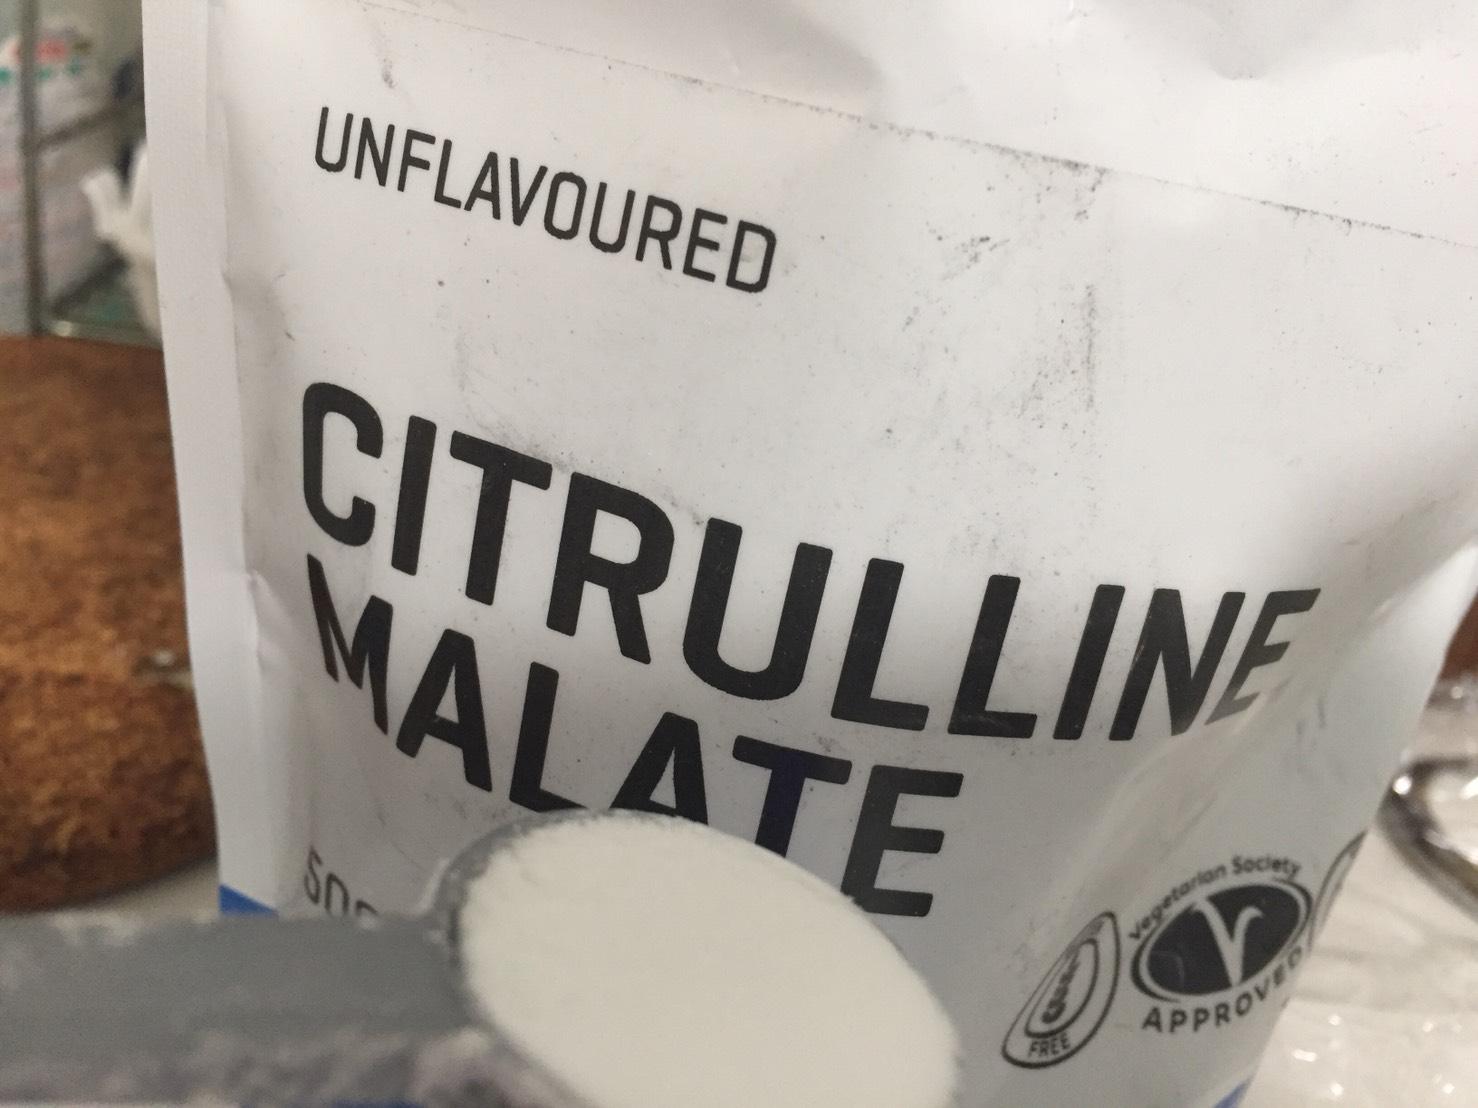 シトルリンマレートのスプーン一杯の様子